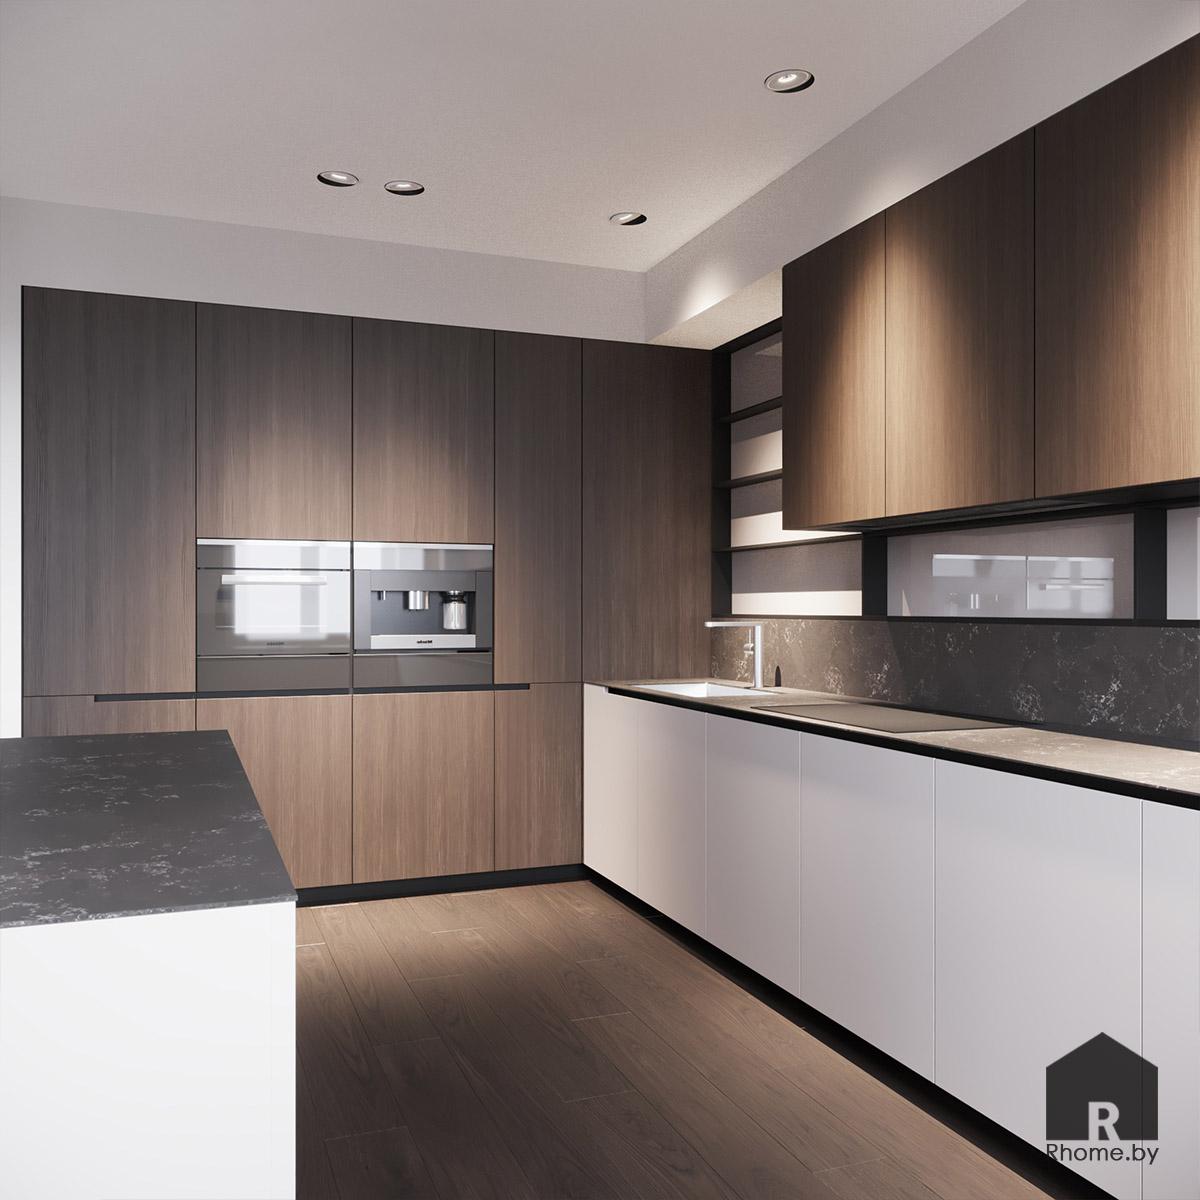 Дизайн интерьера кухни в квартире на улице Сторожевская | Дизайн студия – Rhome.by